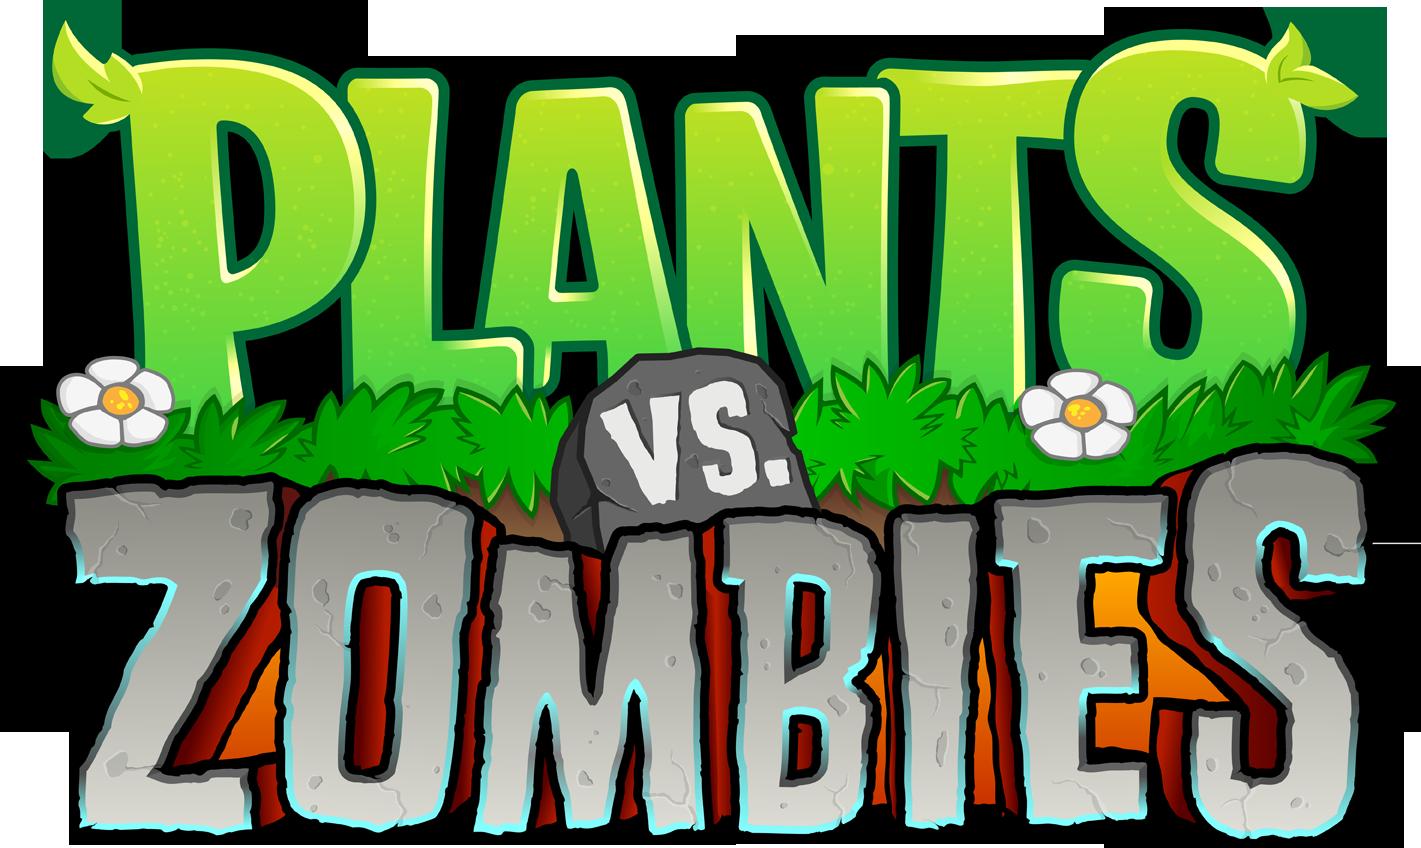 platas vs zombies icon